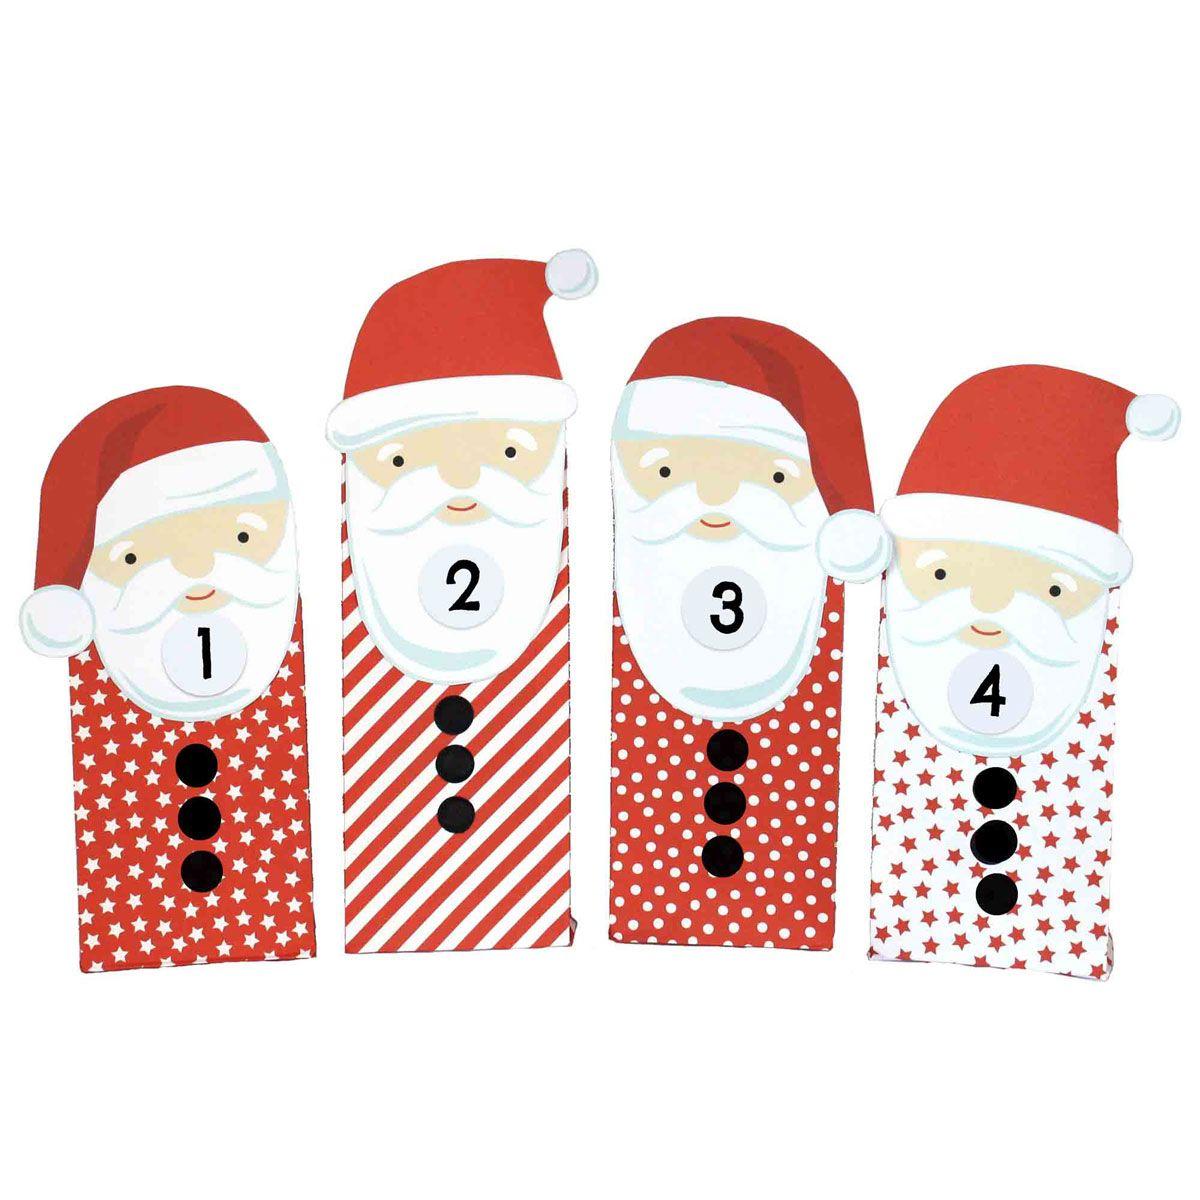 adventskalender weihnachtsmann mit roten t ten zum aufkleben diy adventskalender ideen zum. Black Bedroom Furniture Sets. Home Design Ideas